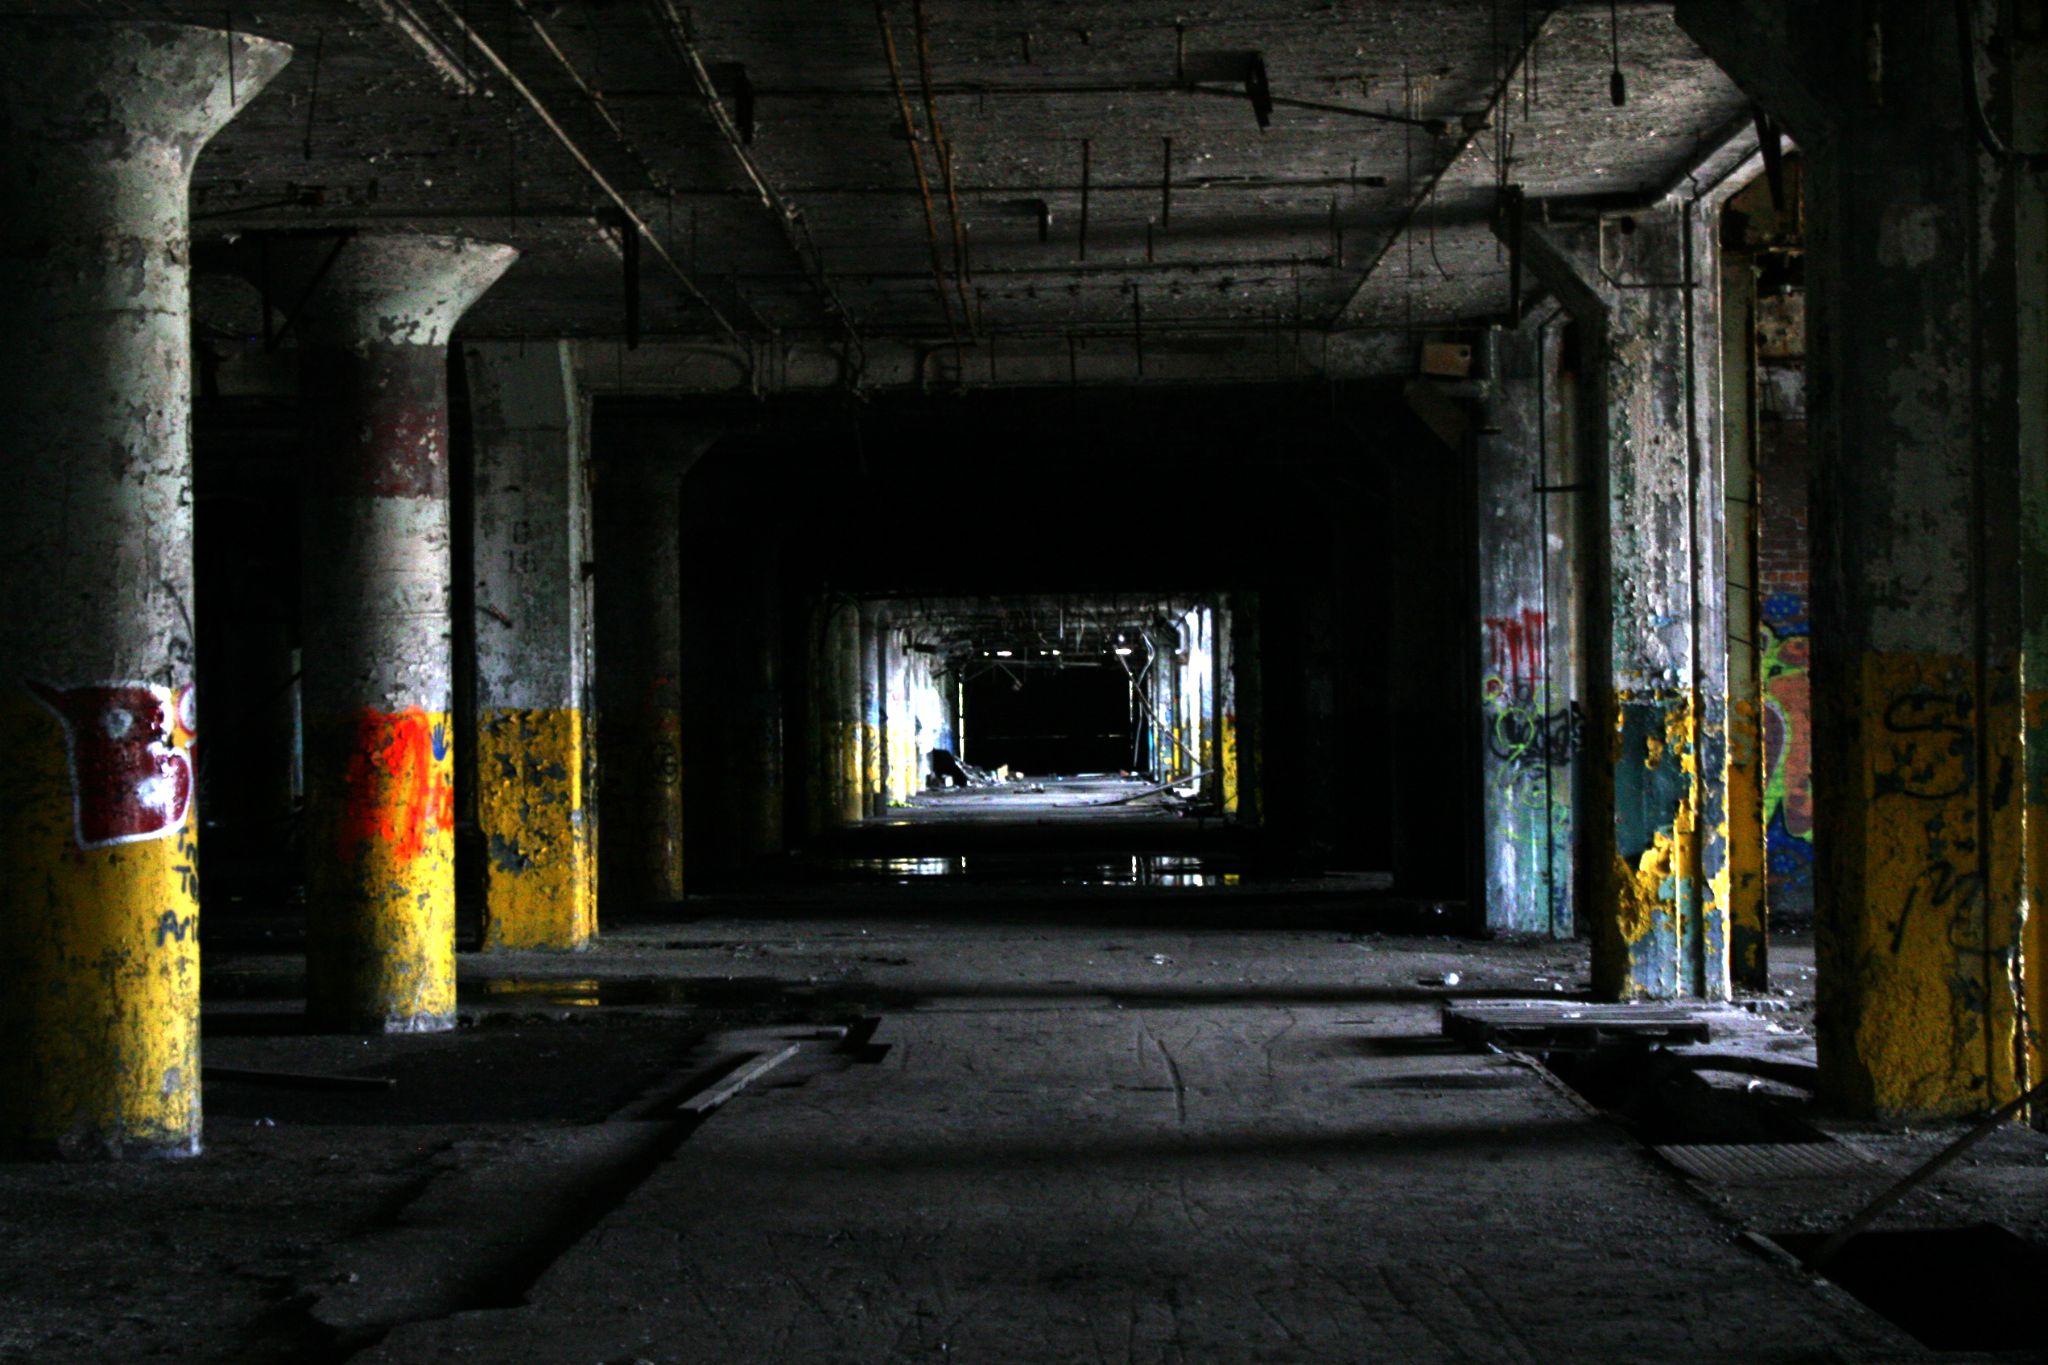 Abandoned Fisher Body Plant 21 Detroit Michigan by jenamayagless